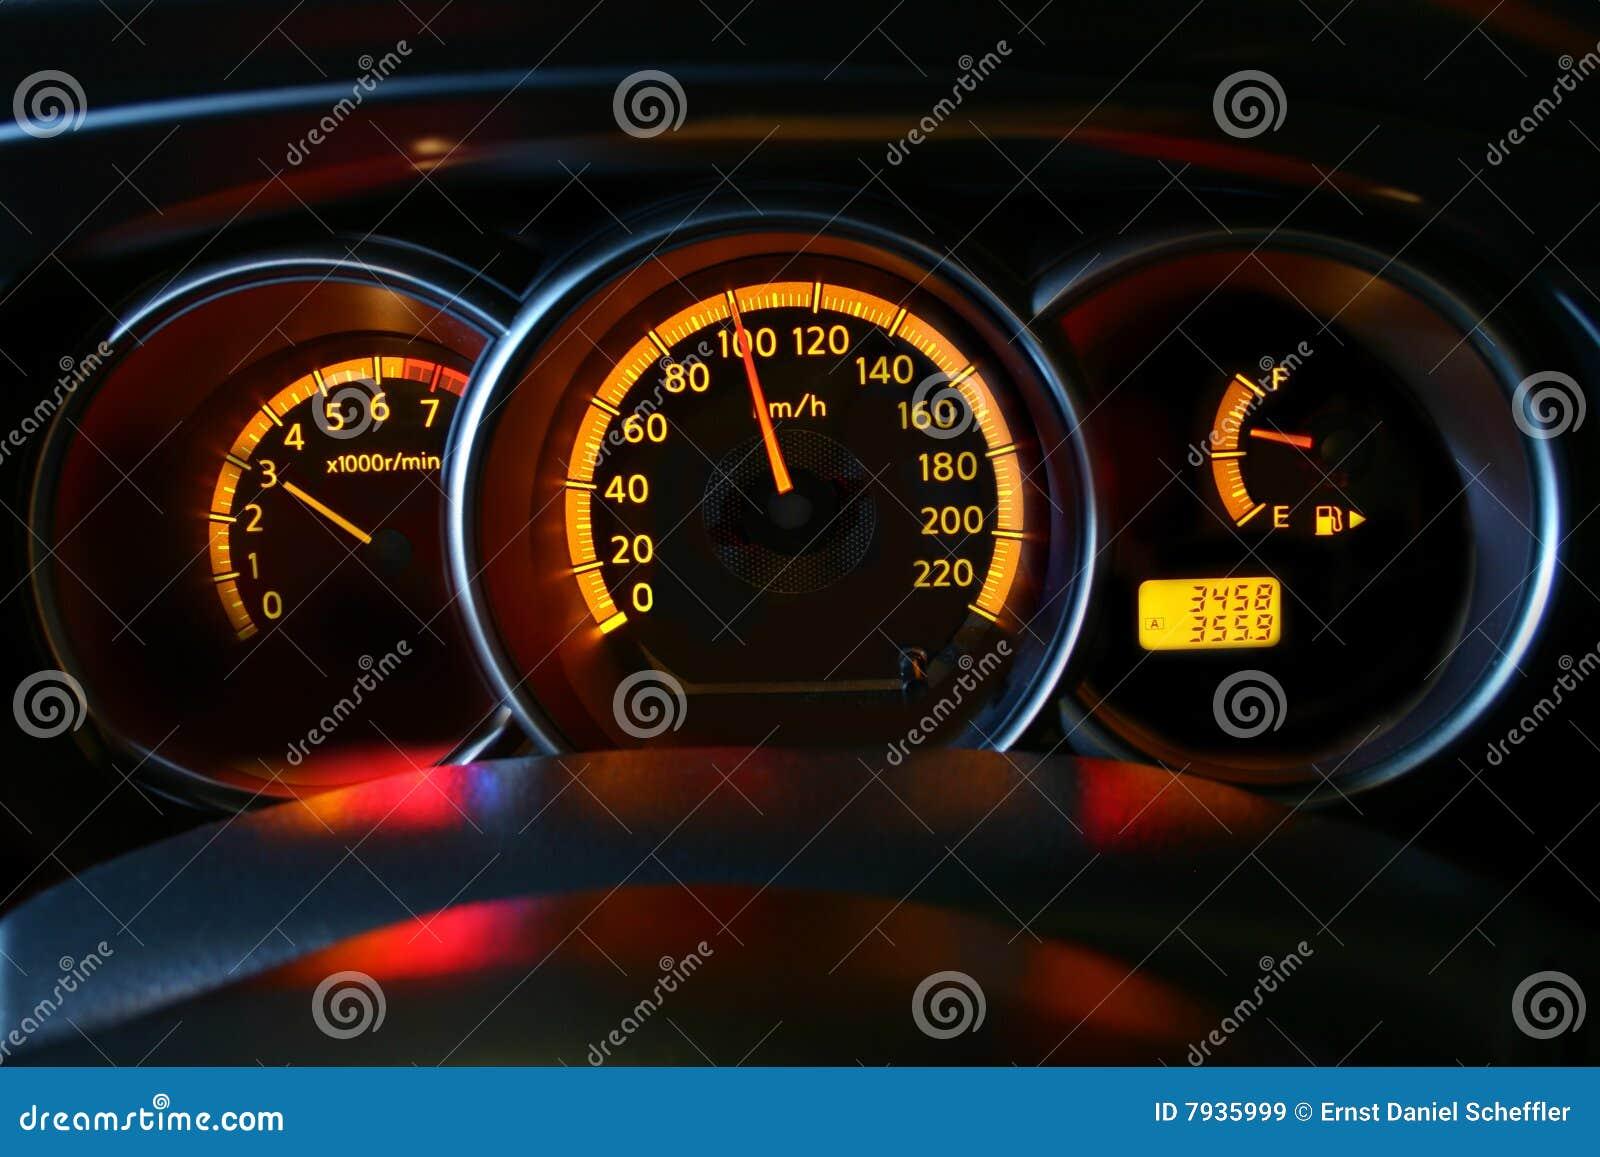 Auto geschwindigkeitsmesser stockbild bild von drehzahl